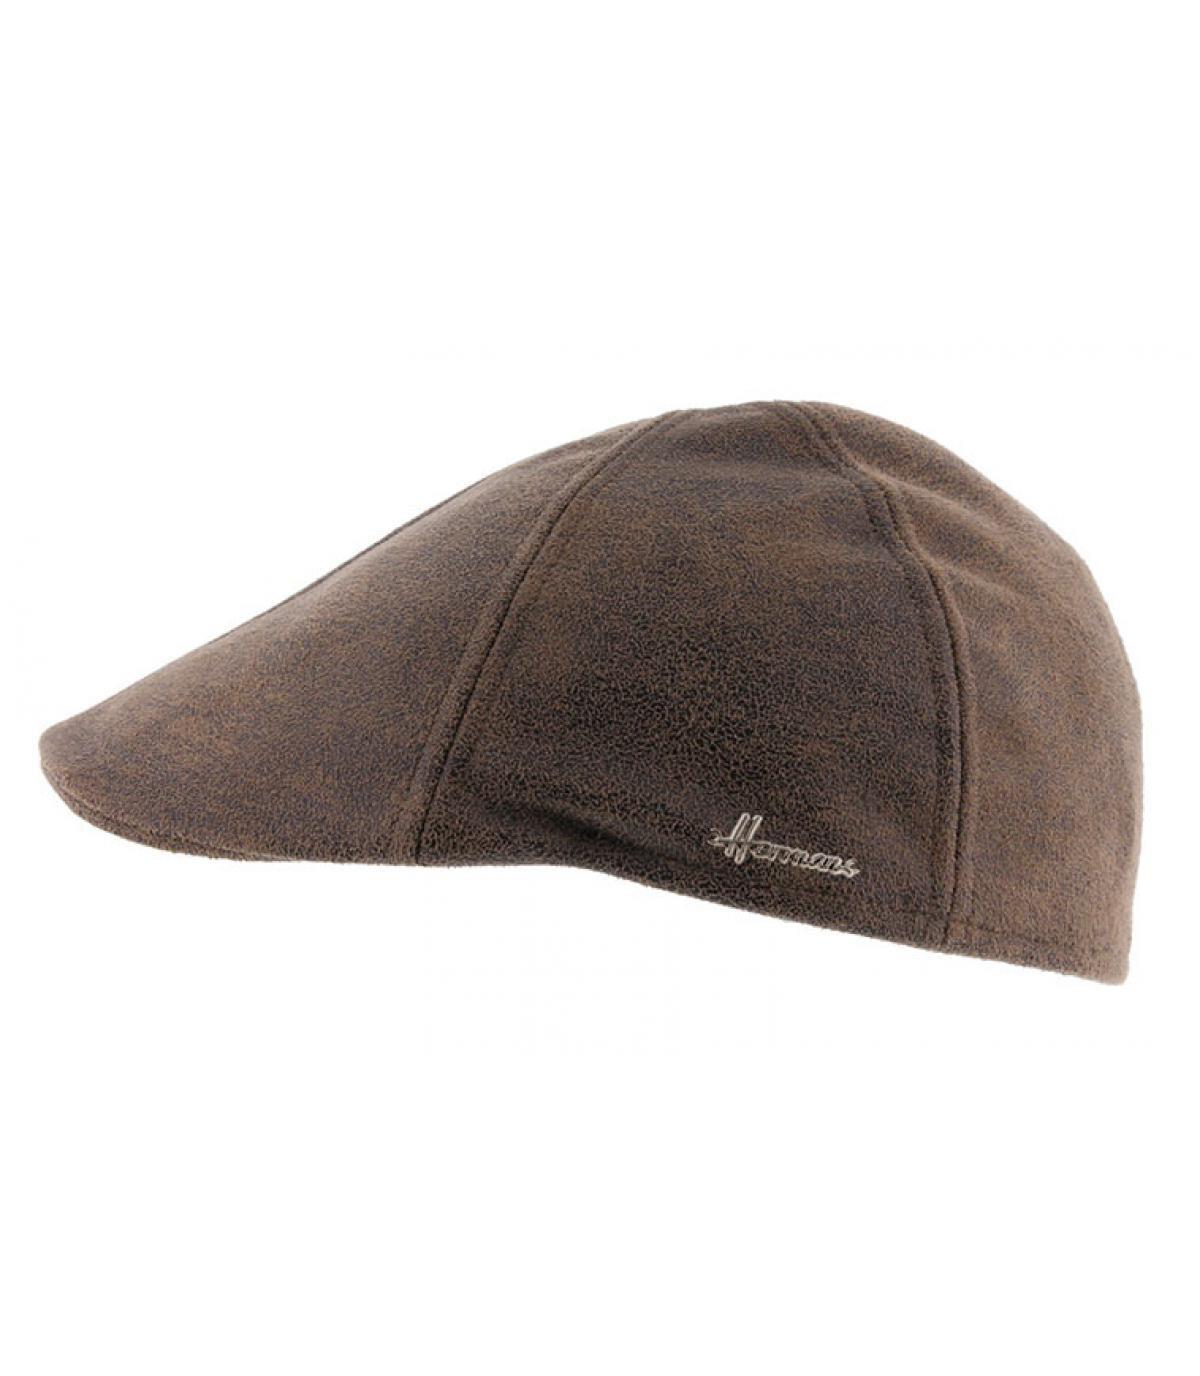 brown duckbill cap